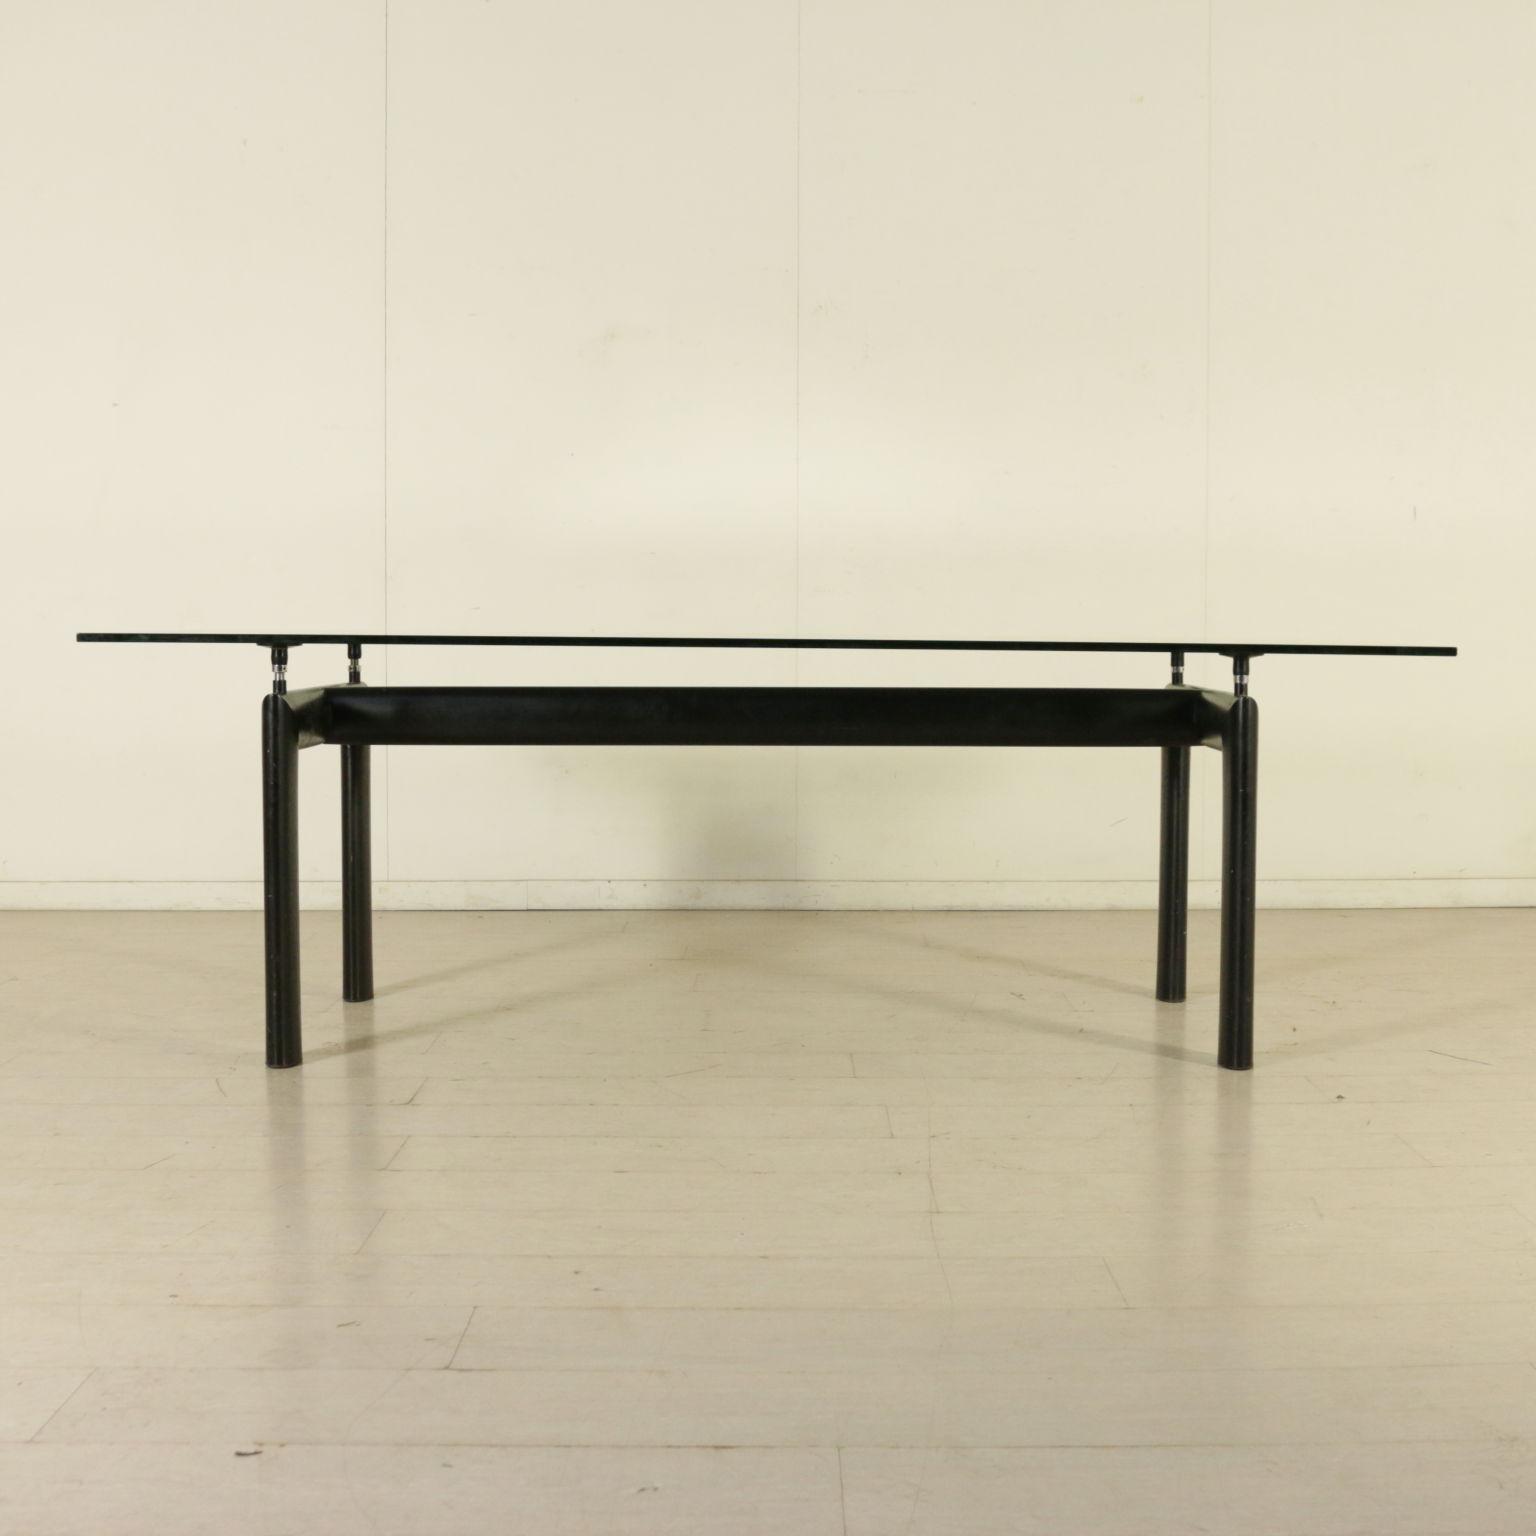 Tisch Le Corbusier - Tische - Modernes design - dimanoinmano.it